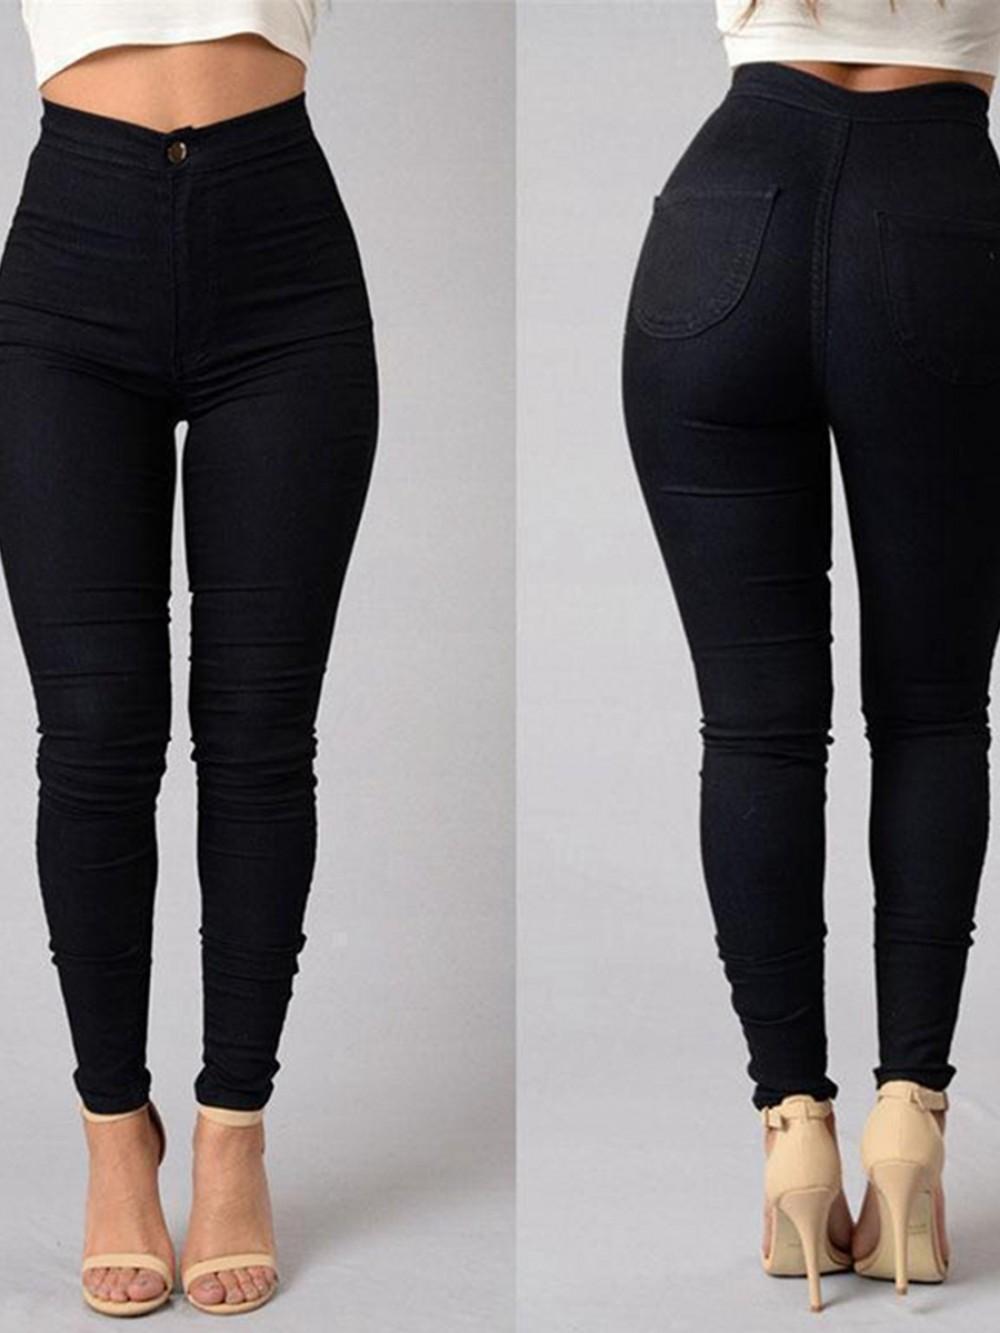 Black Plus Size Pants Ankle Length Button Design